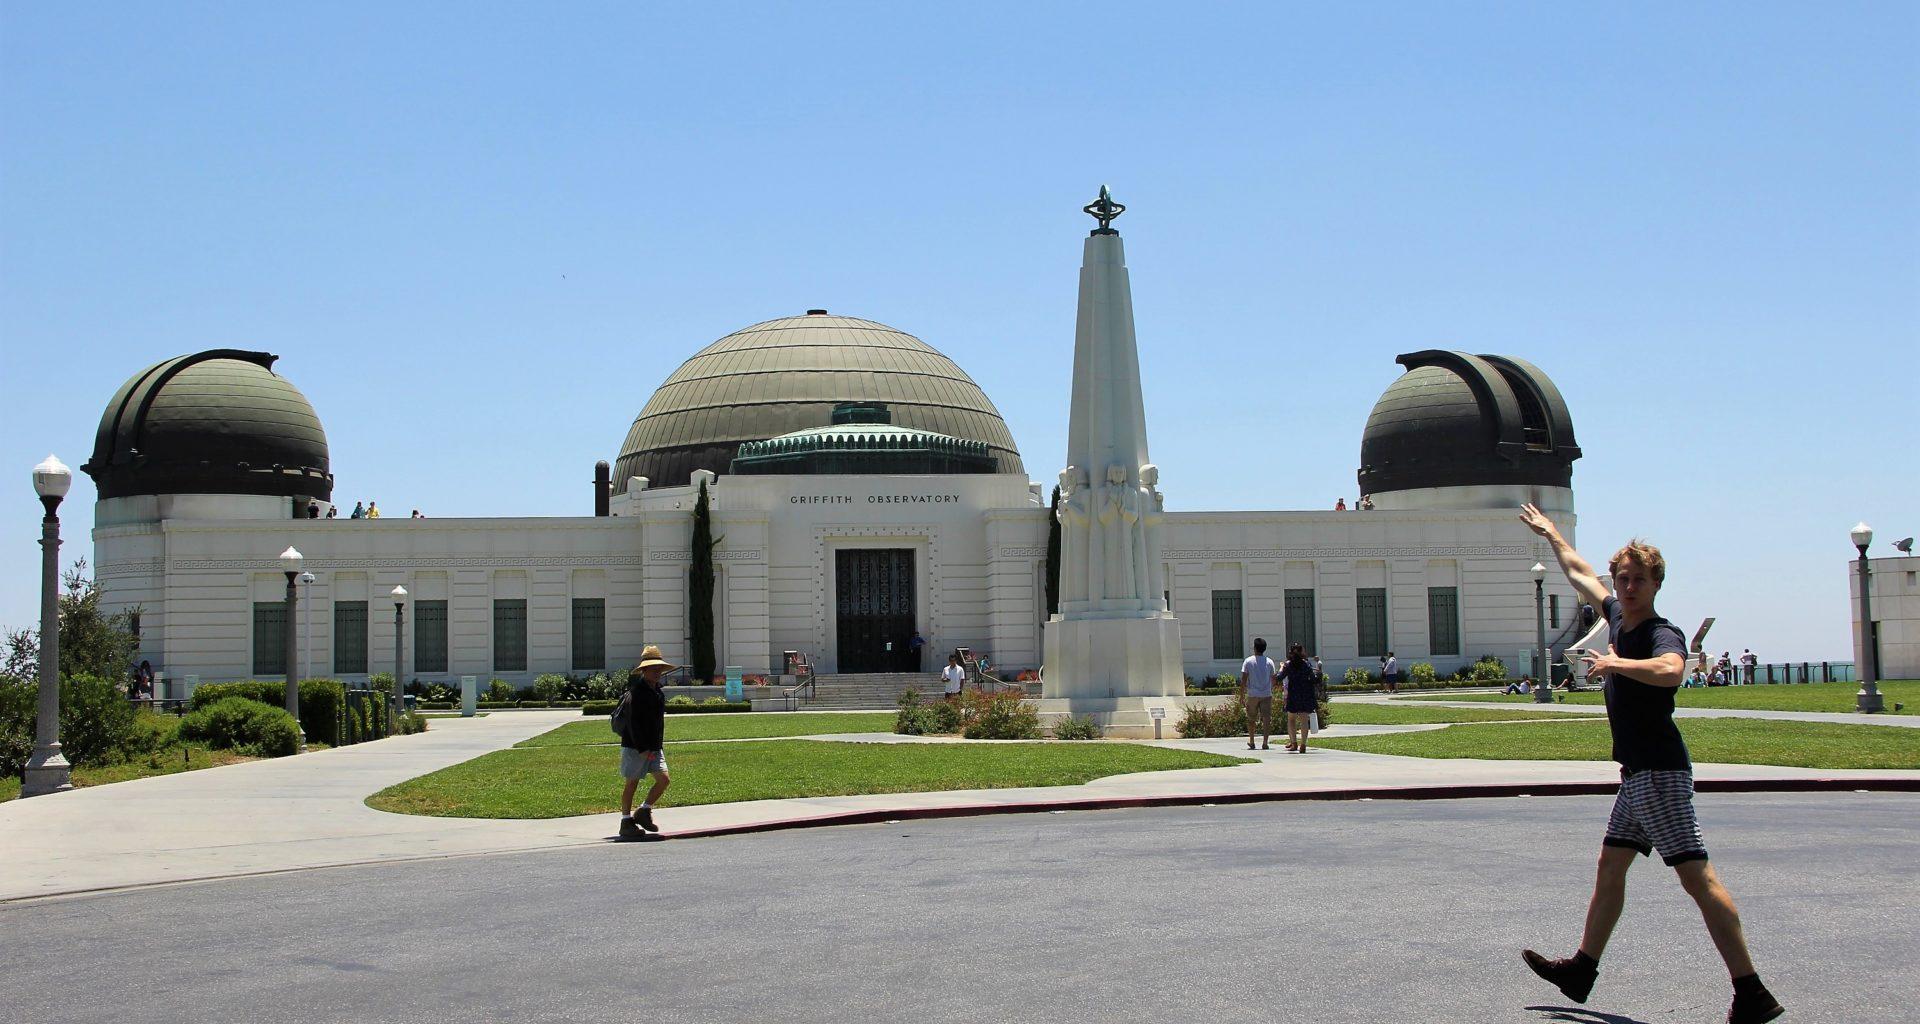 Arthur au Griffith Observatory à Los Angeles